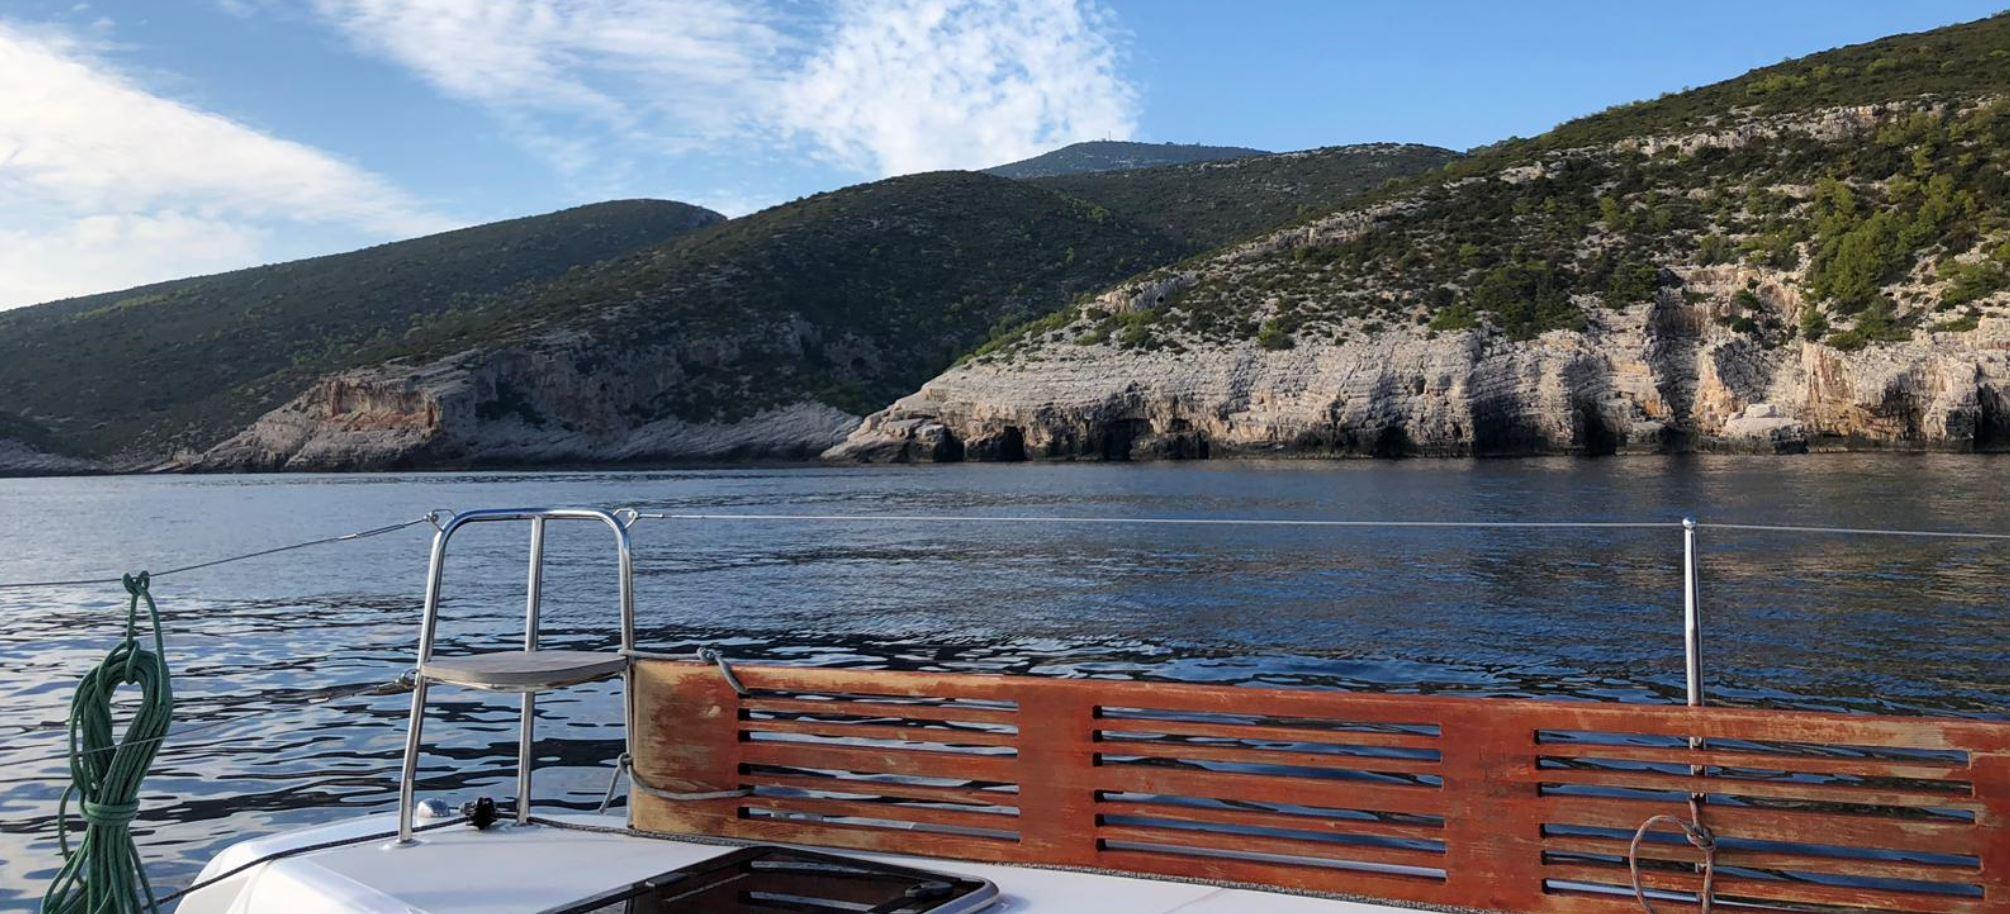 Familienurlaub Anfaht in der nächste Bucht